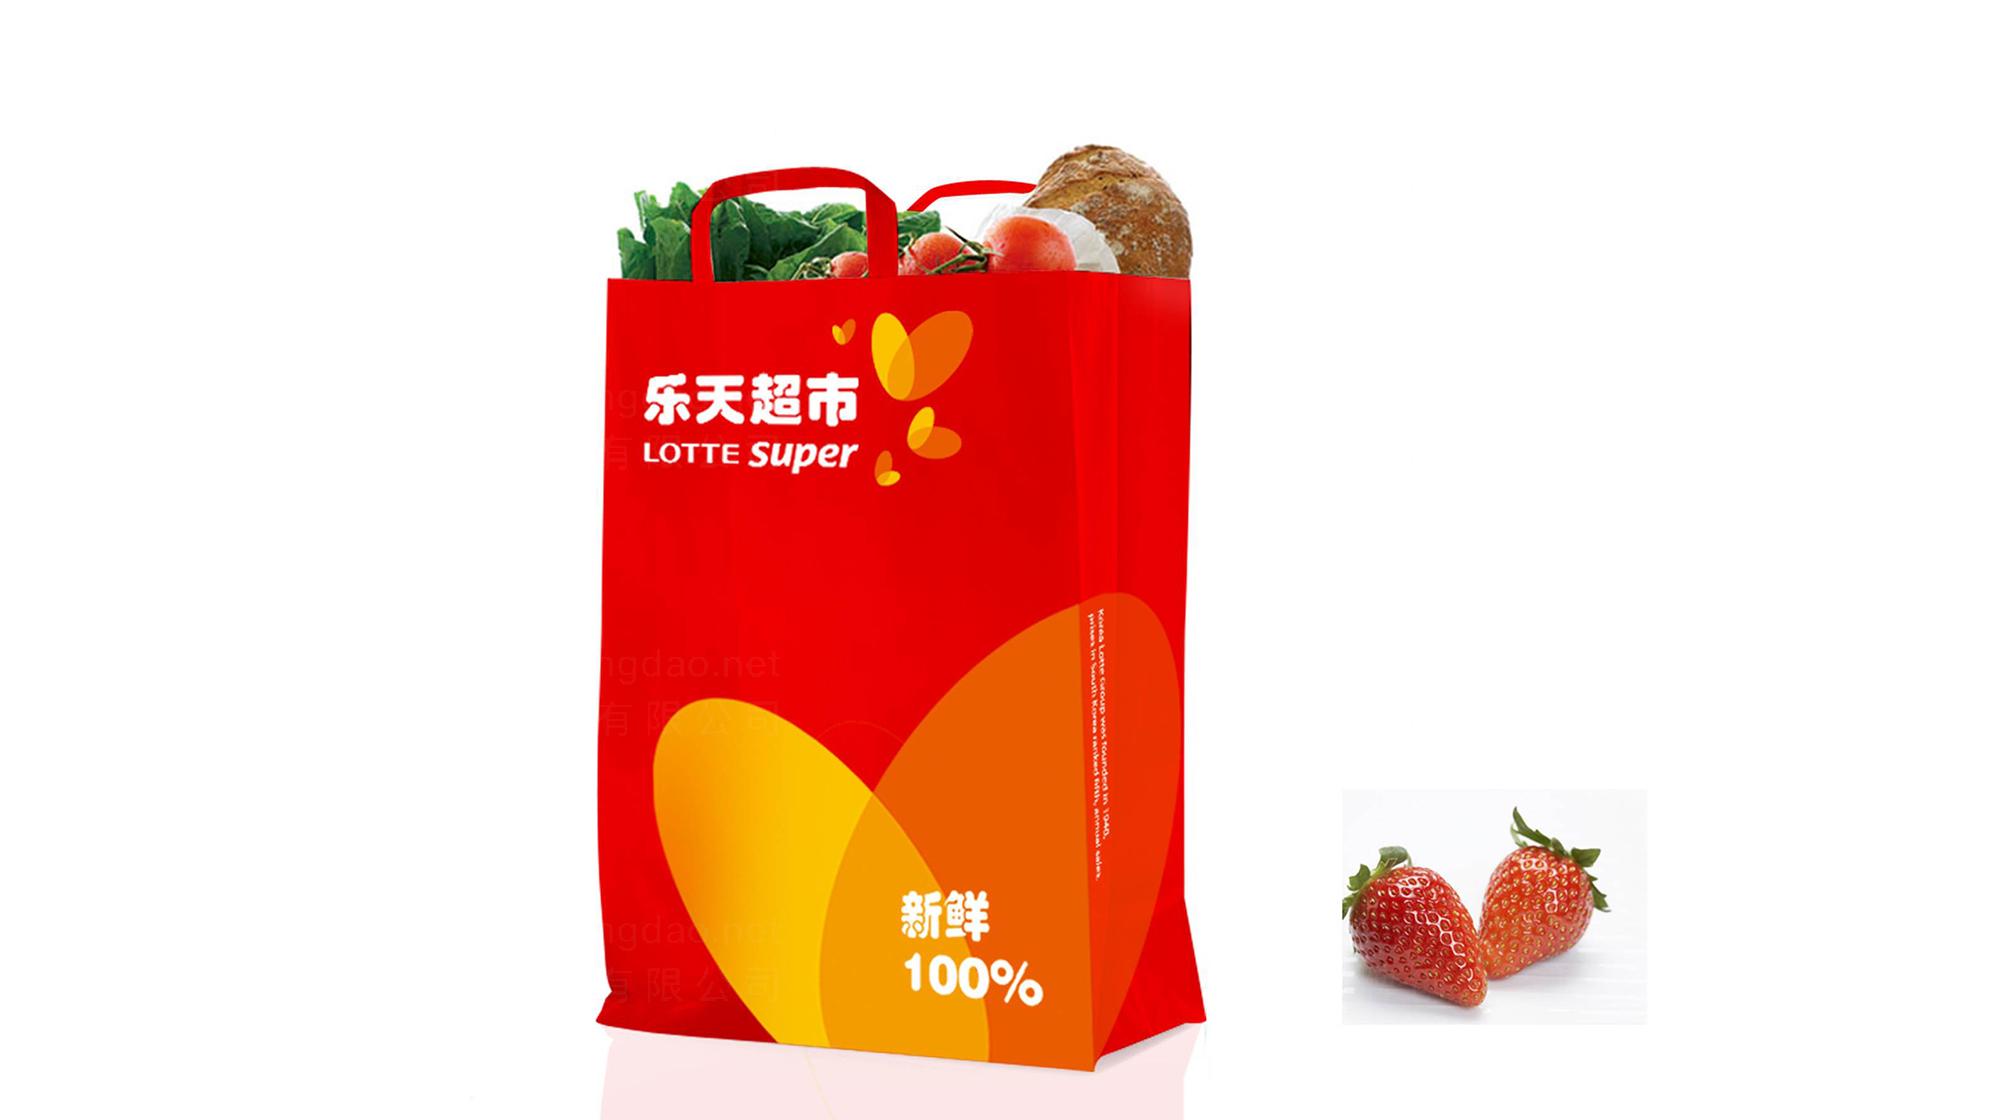 品牌设计乐天超市LOGO&VI设计应用场景_3